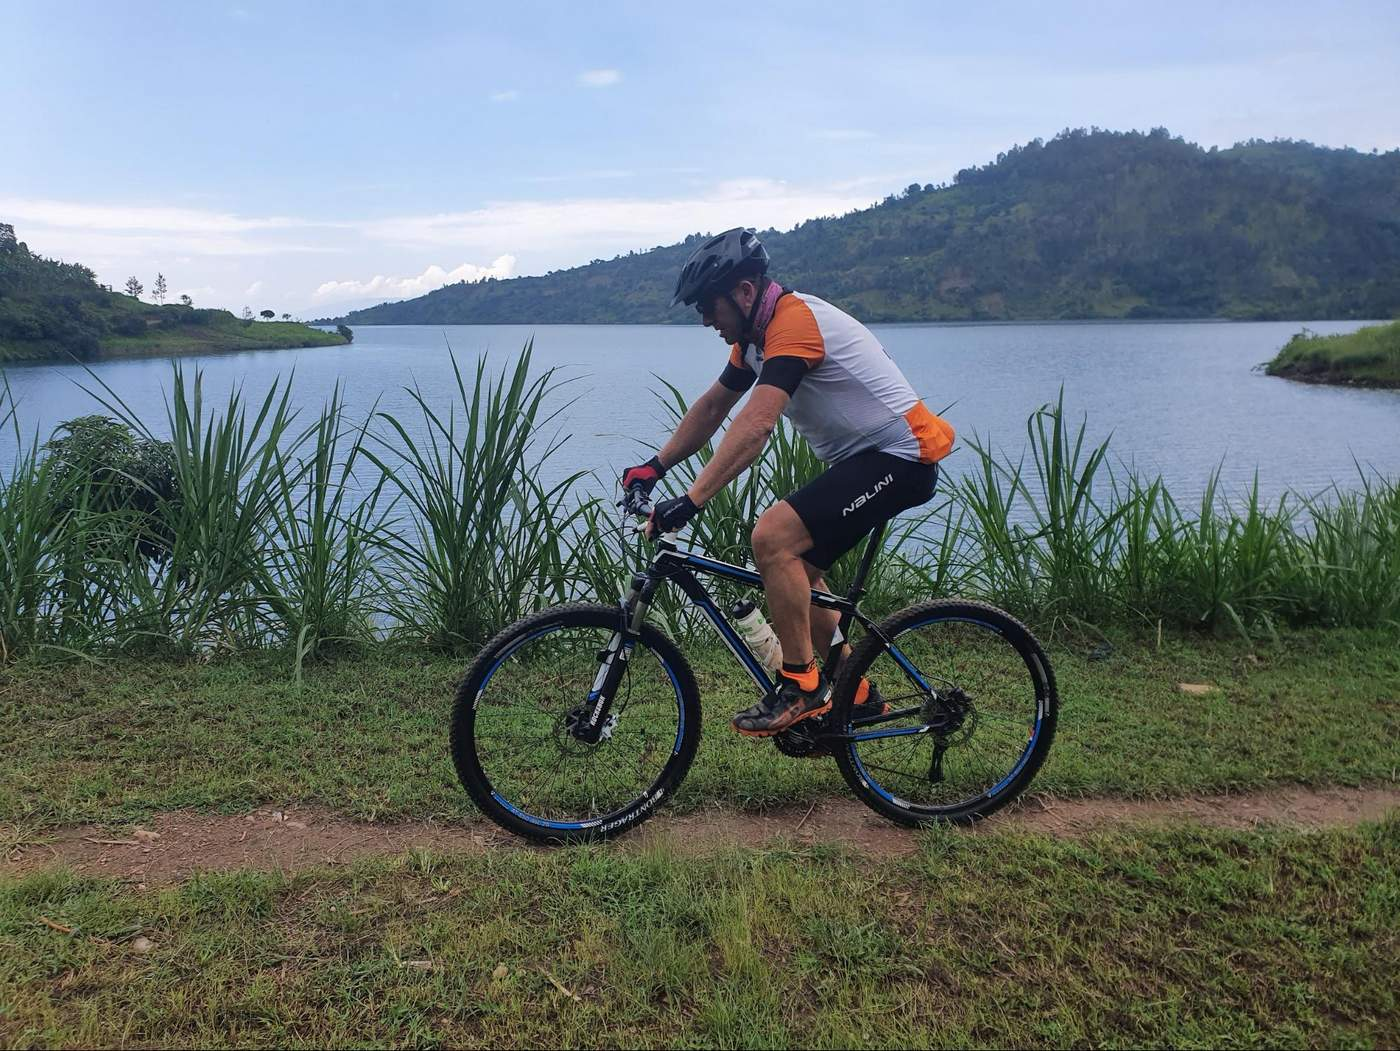 טיולים אגם קיבו רואנדה